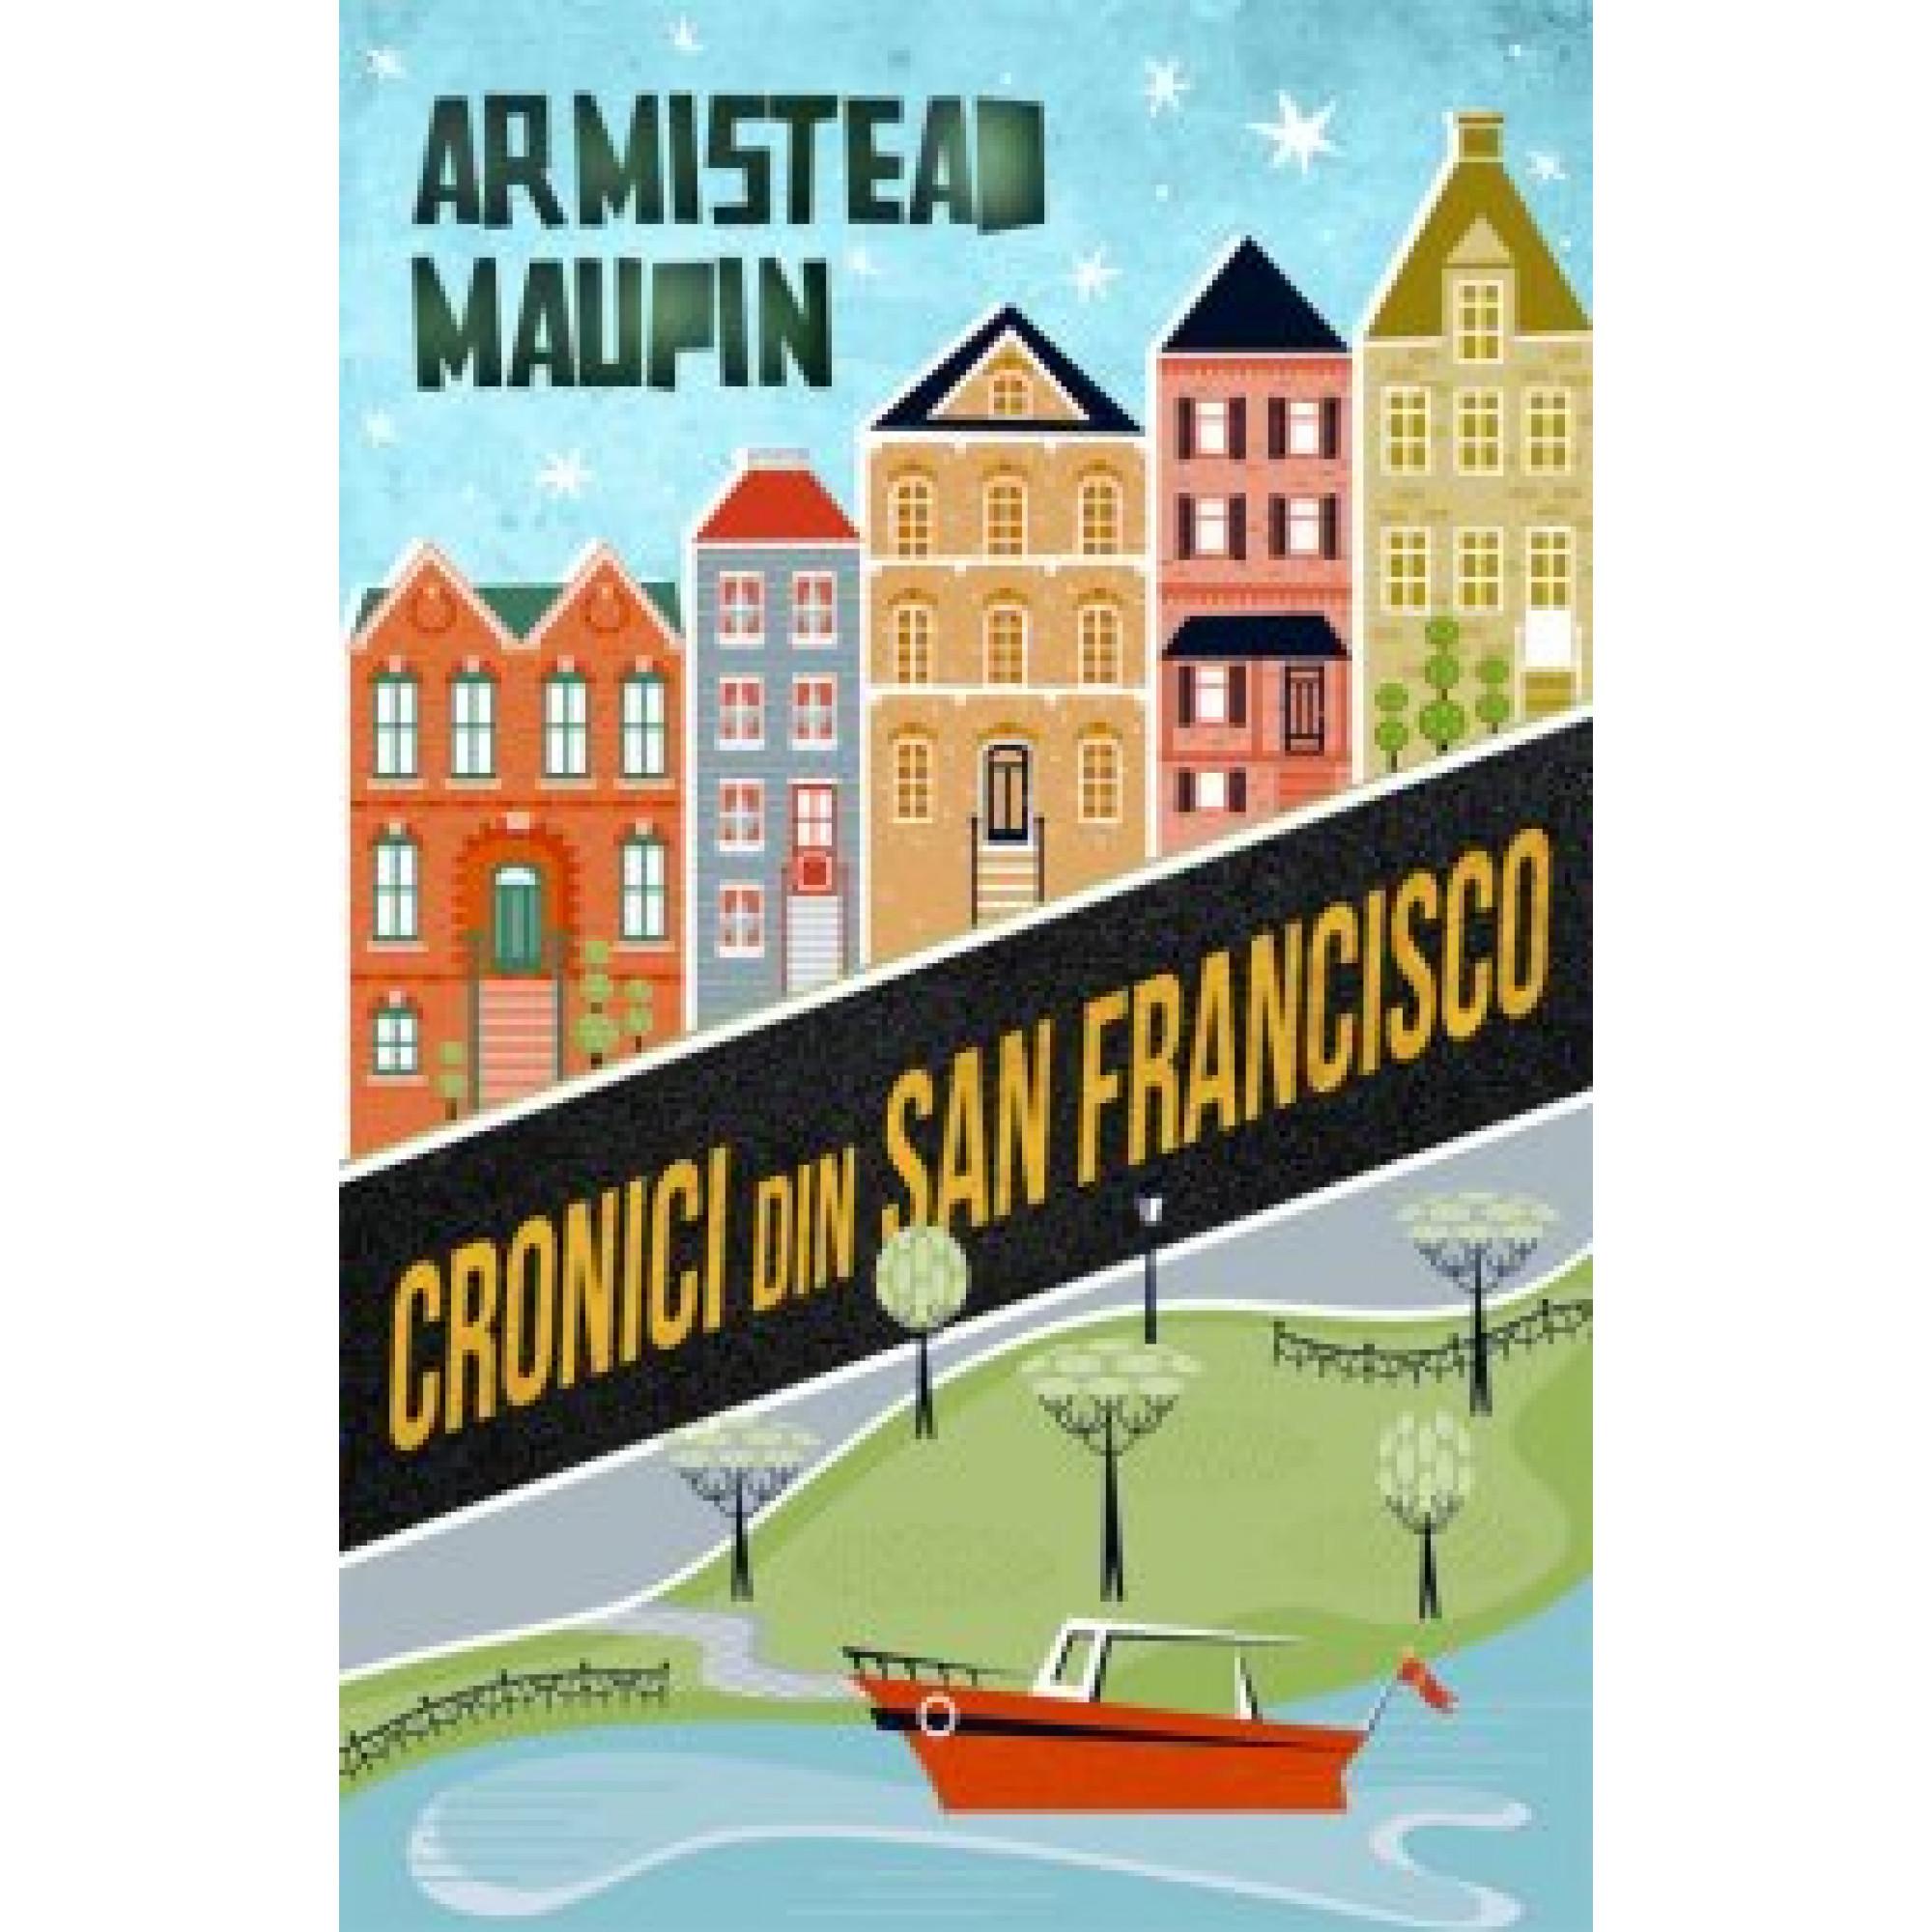 Cronici din San Francisco; Armistead Maupin